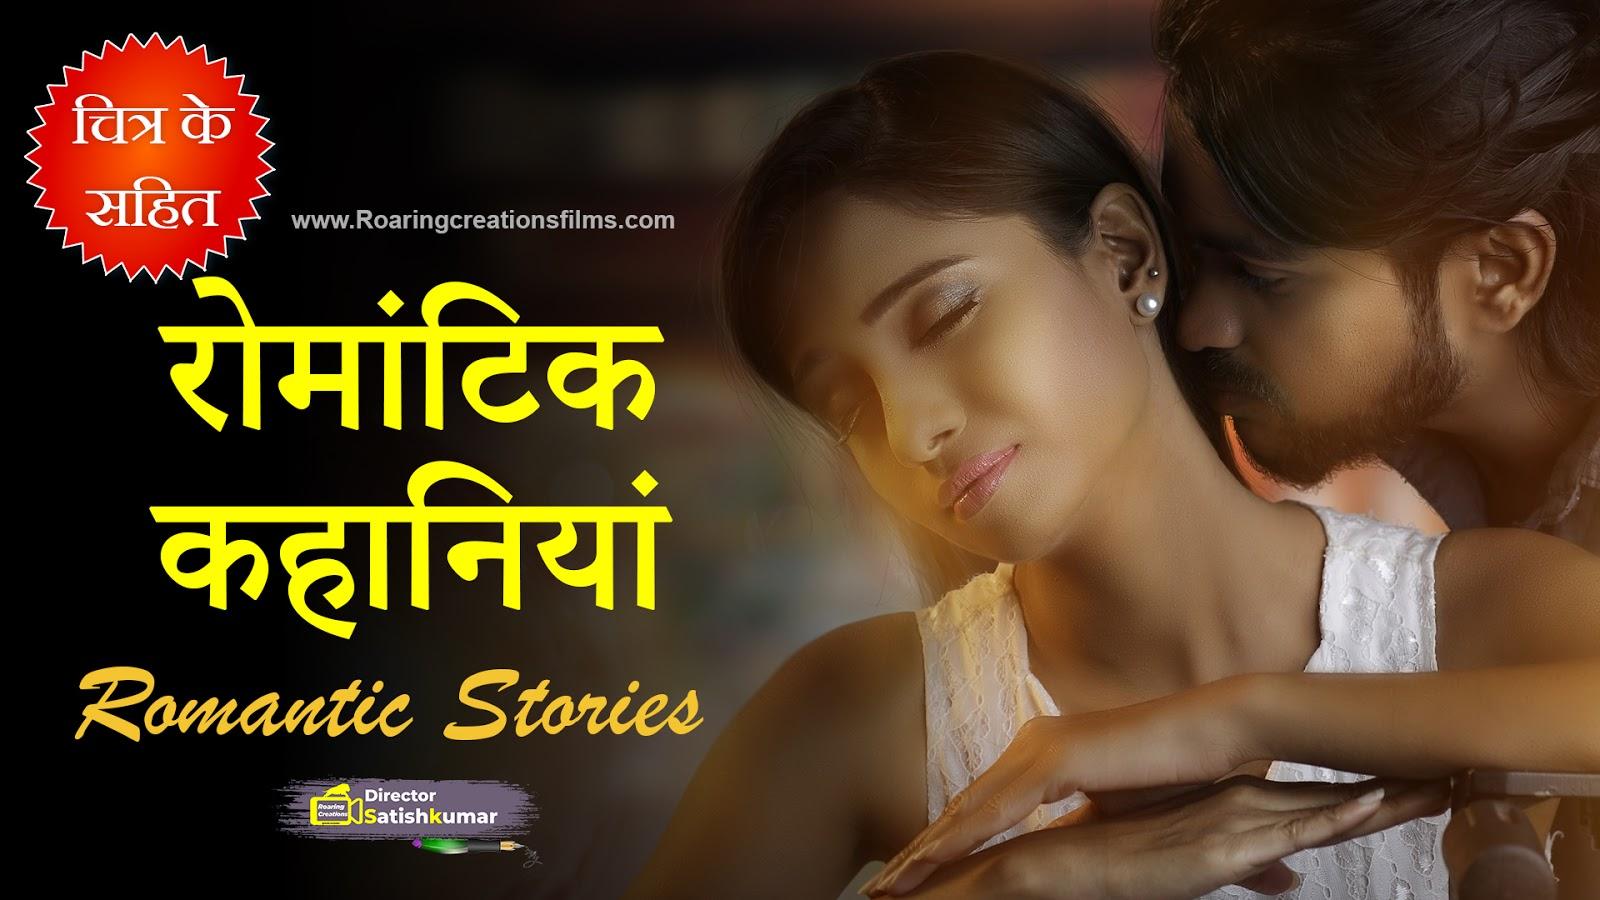 रोमांटिक कहानियां - Romantic Stories in Hindi